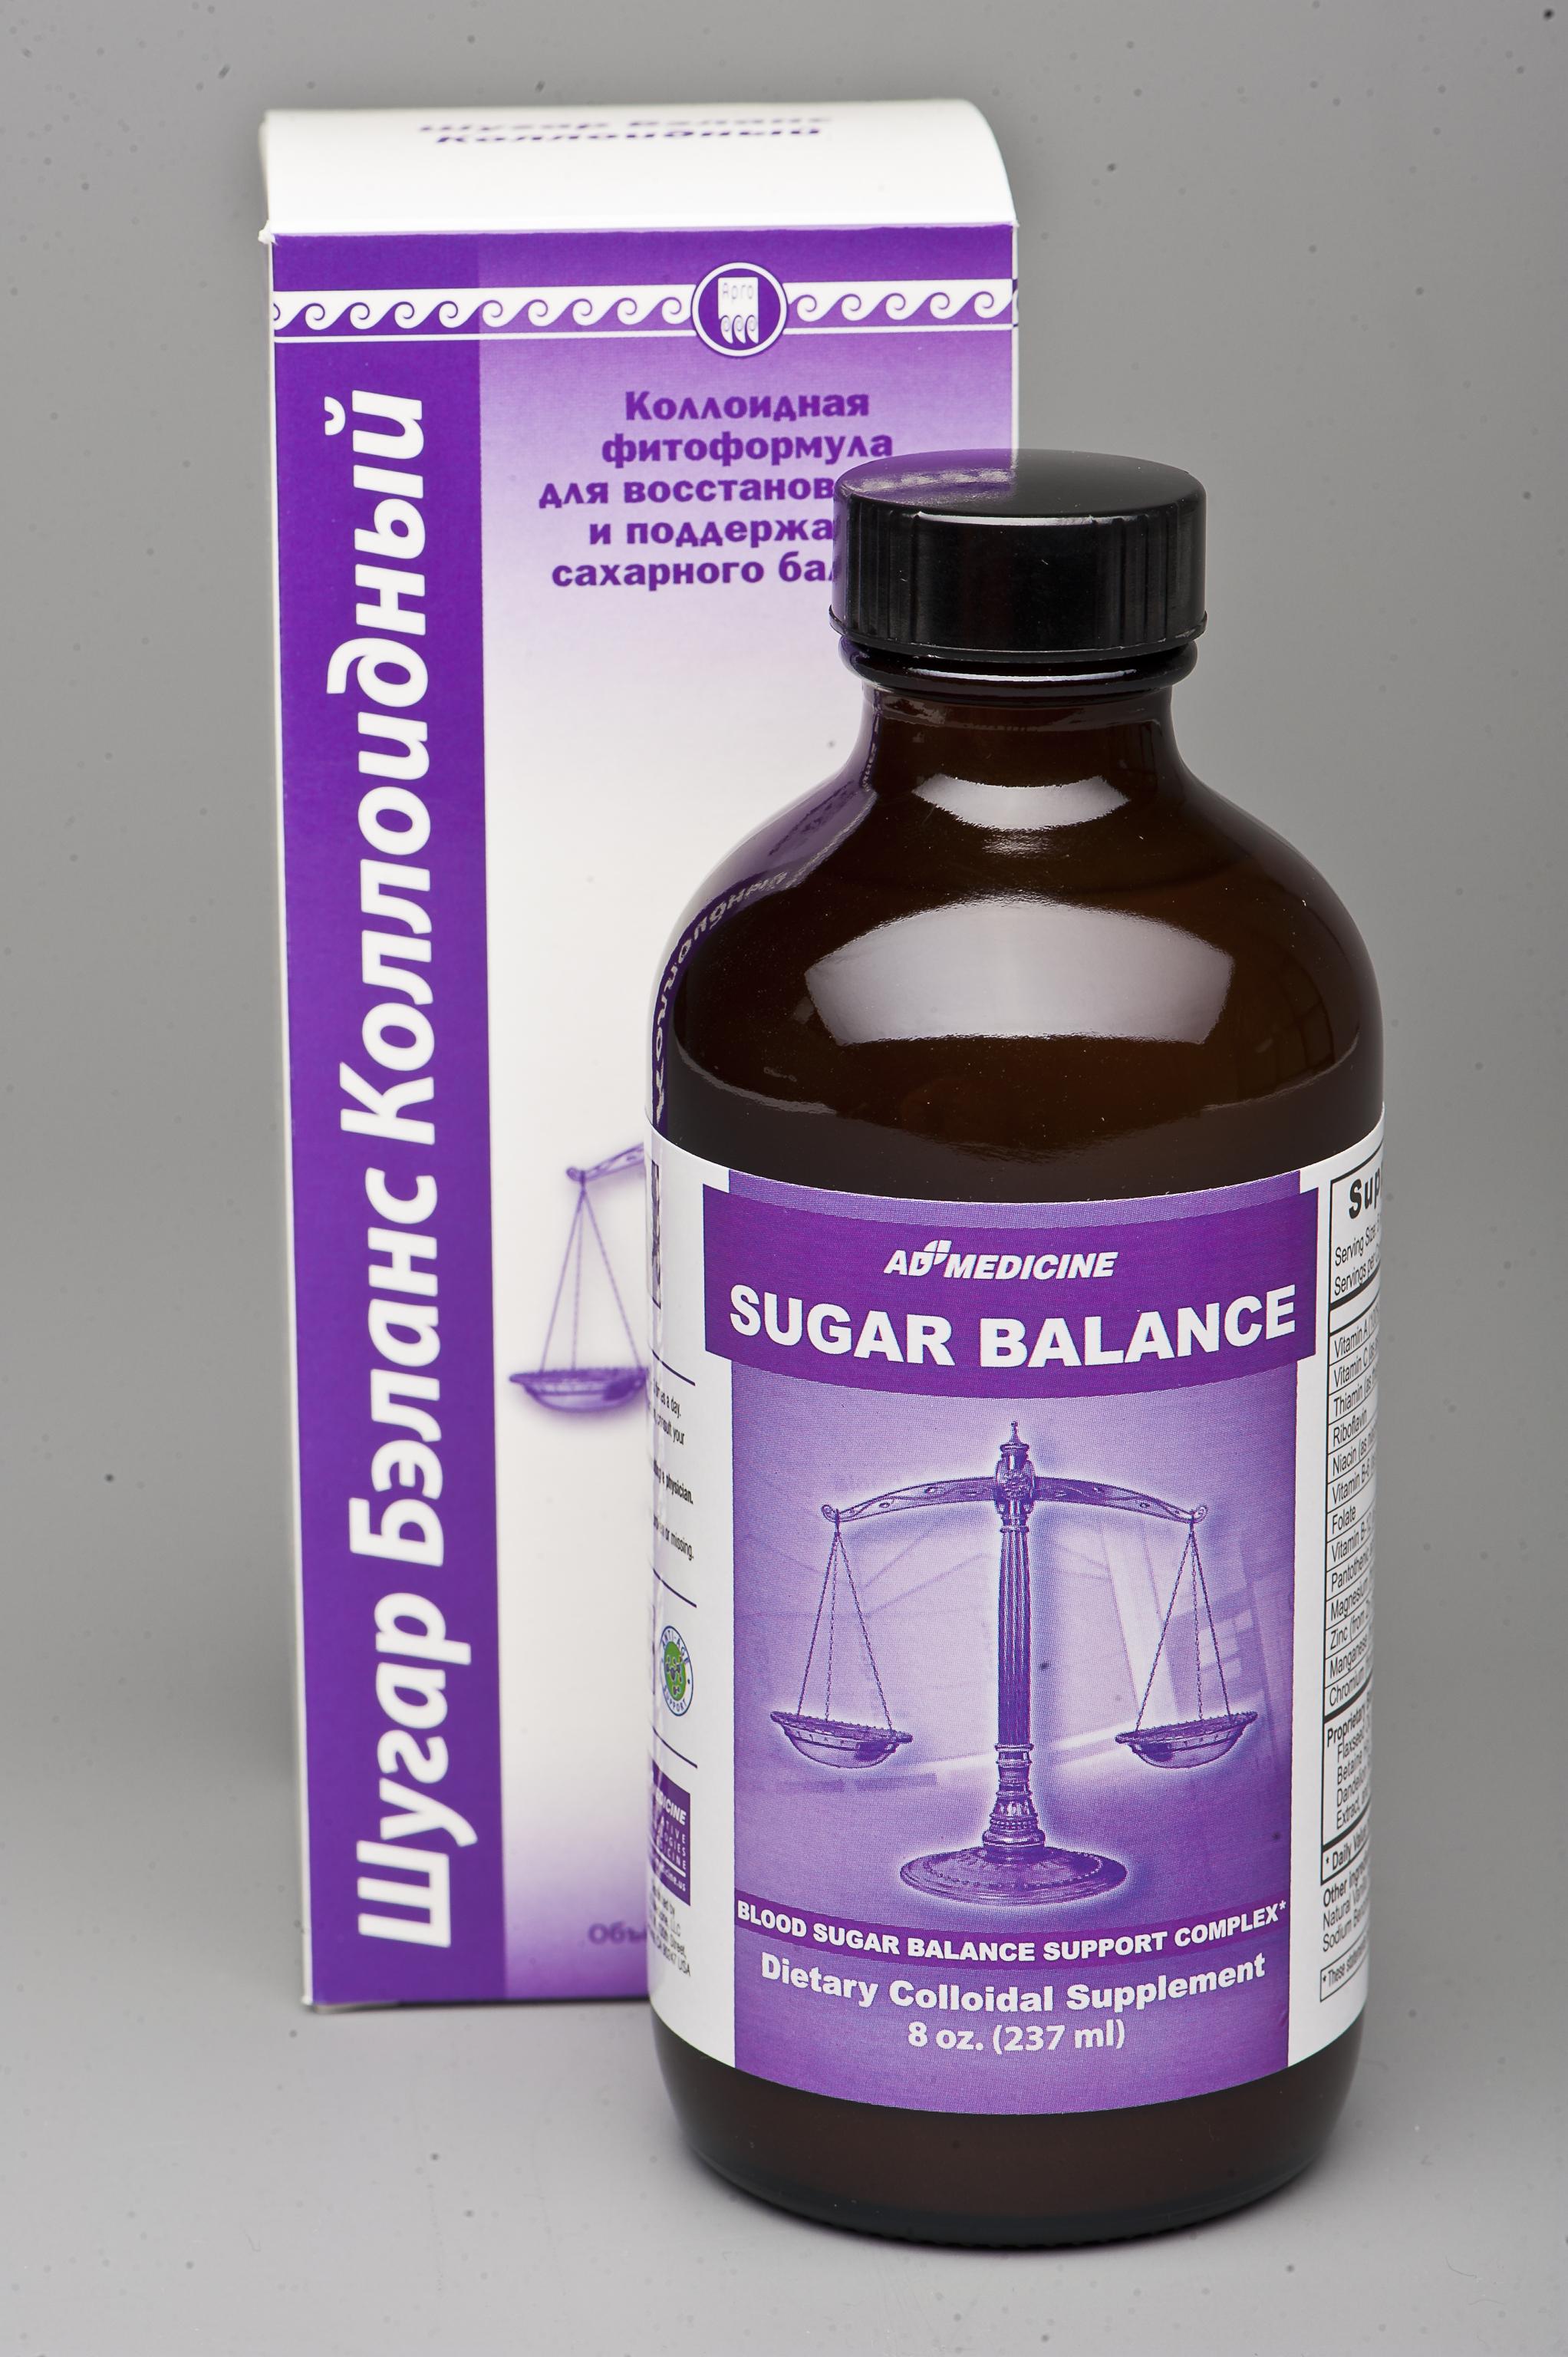 Новый препарат от сахарного диабета